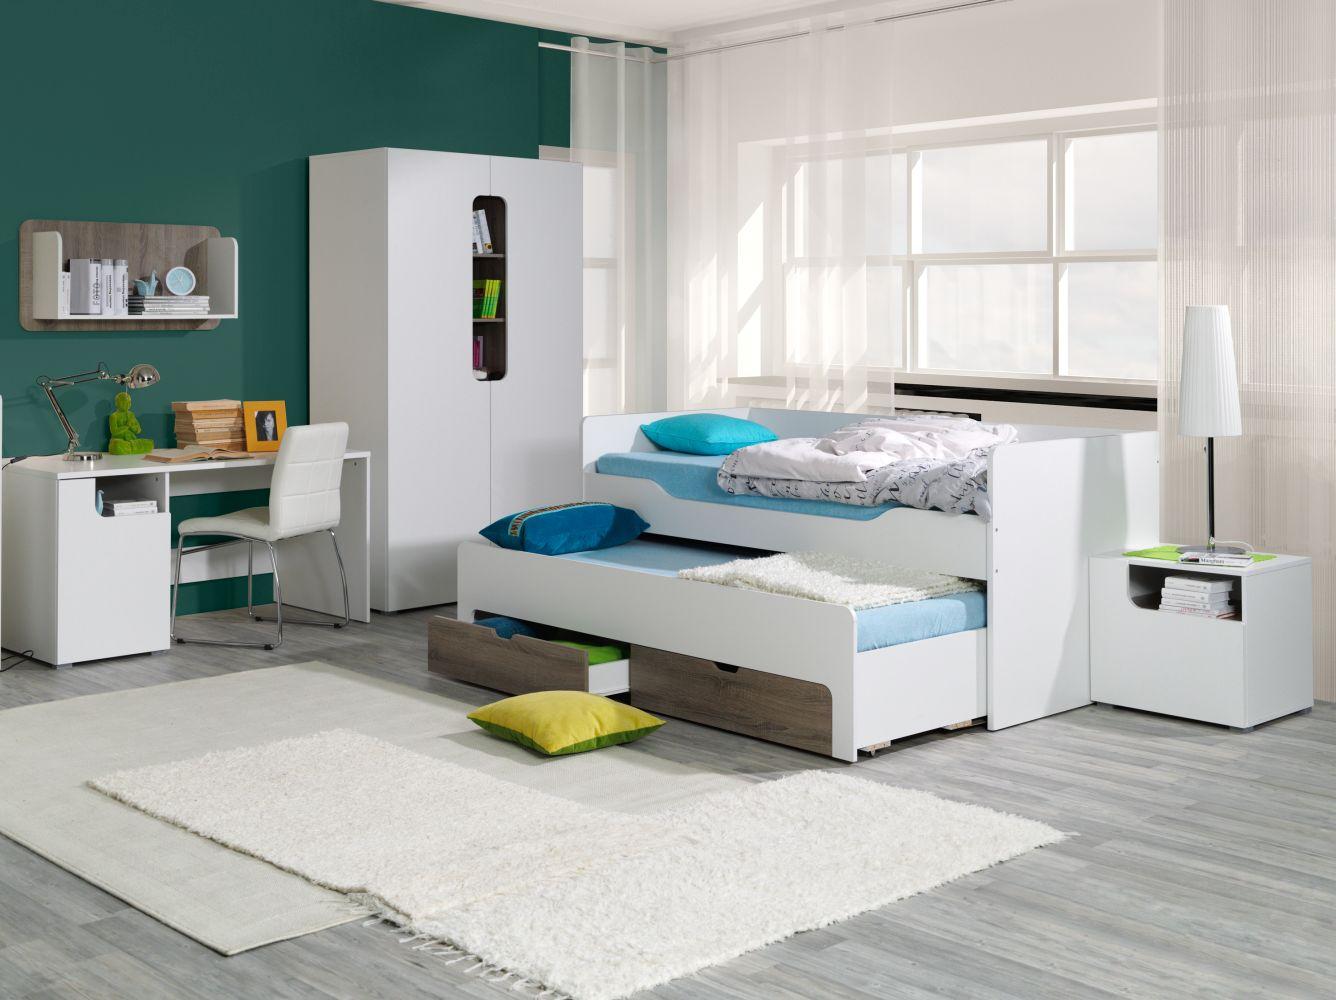 jugendbett mit bettkasten preisvergleiche. Black Bedroom Furniture Sets. Home Design Ideas